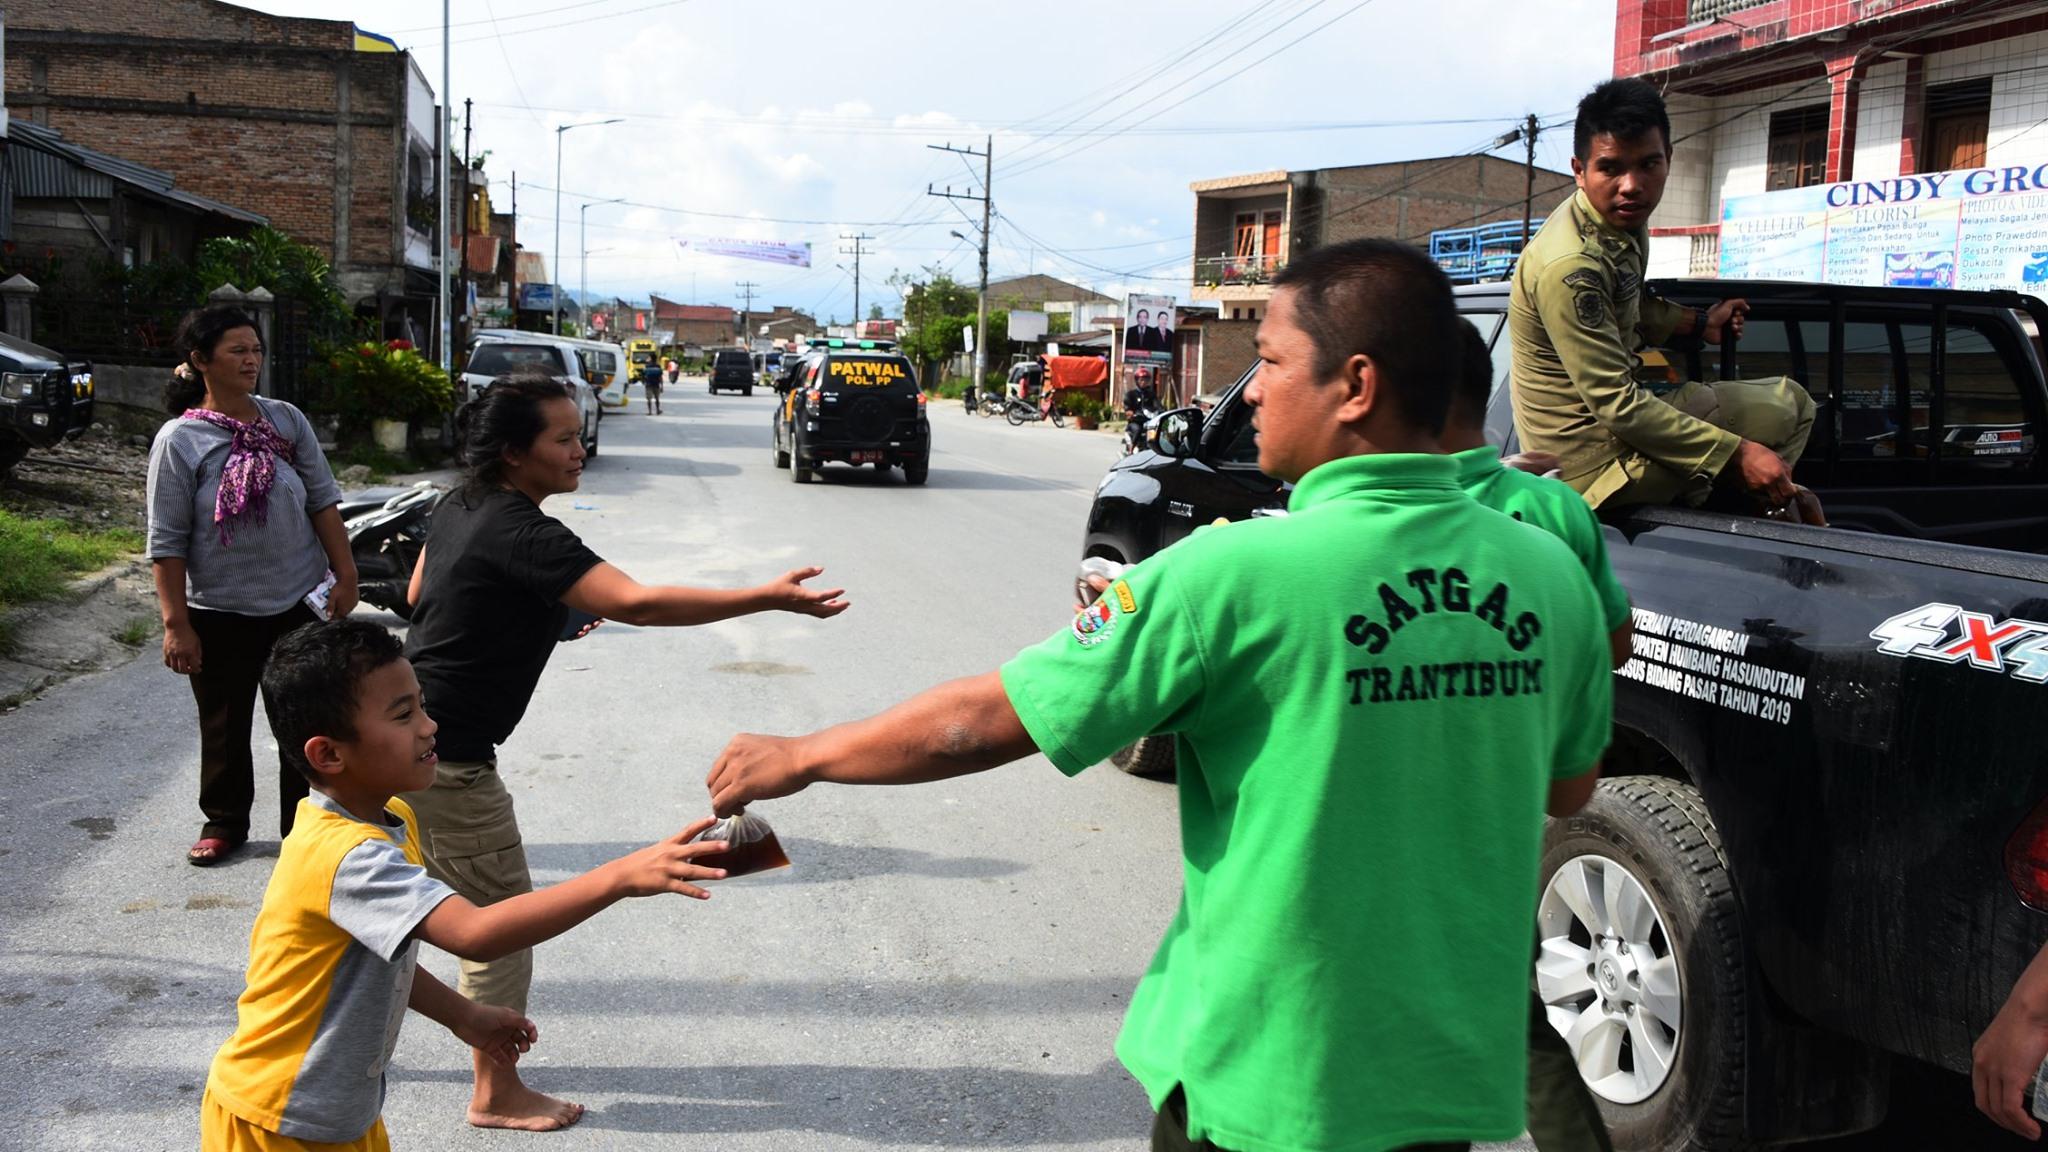 Pembagian Wedang Jahe oleh Pemerintah Kabupaten Humbang